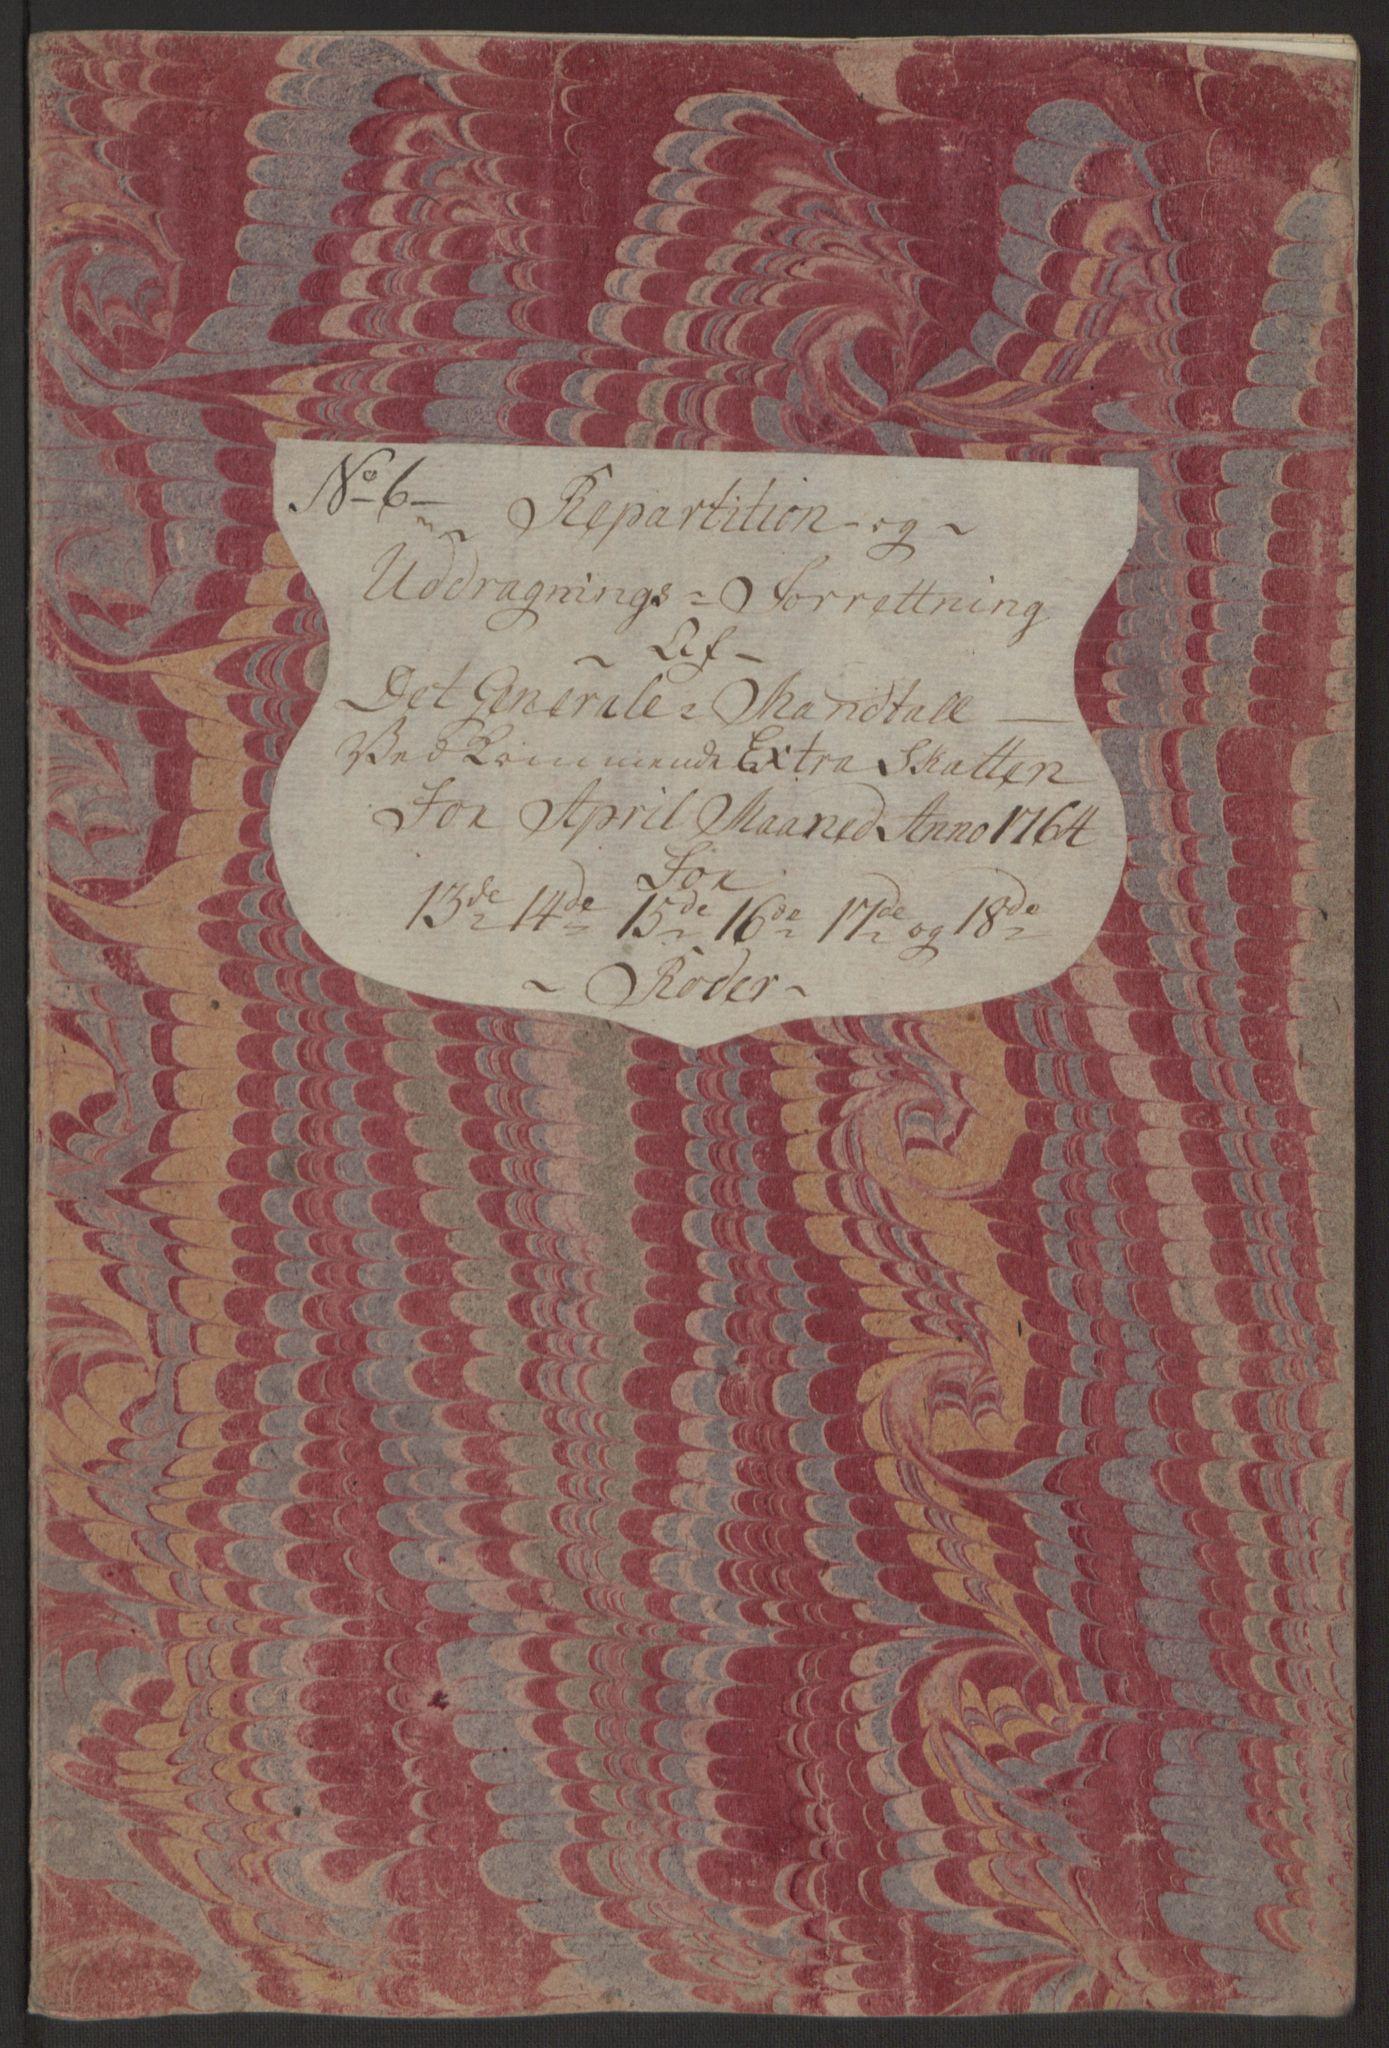 RA, Rentekammeret inntil 1814, Reviderte regnskaper, Byregnskaper, R/Rp/L0368: [P21] Kontribusjonsregnskap, 1764, s. 106